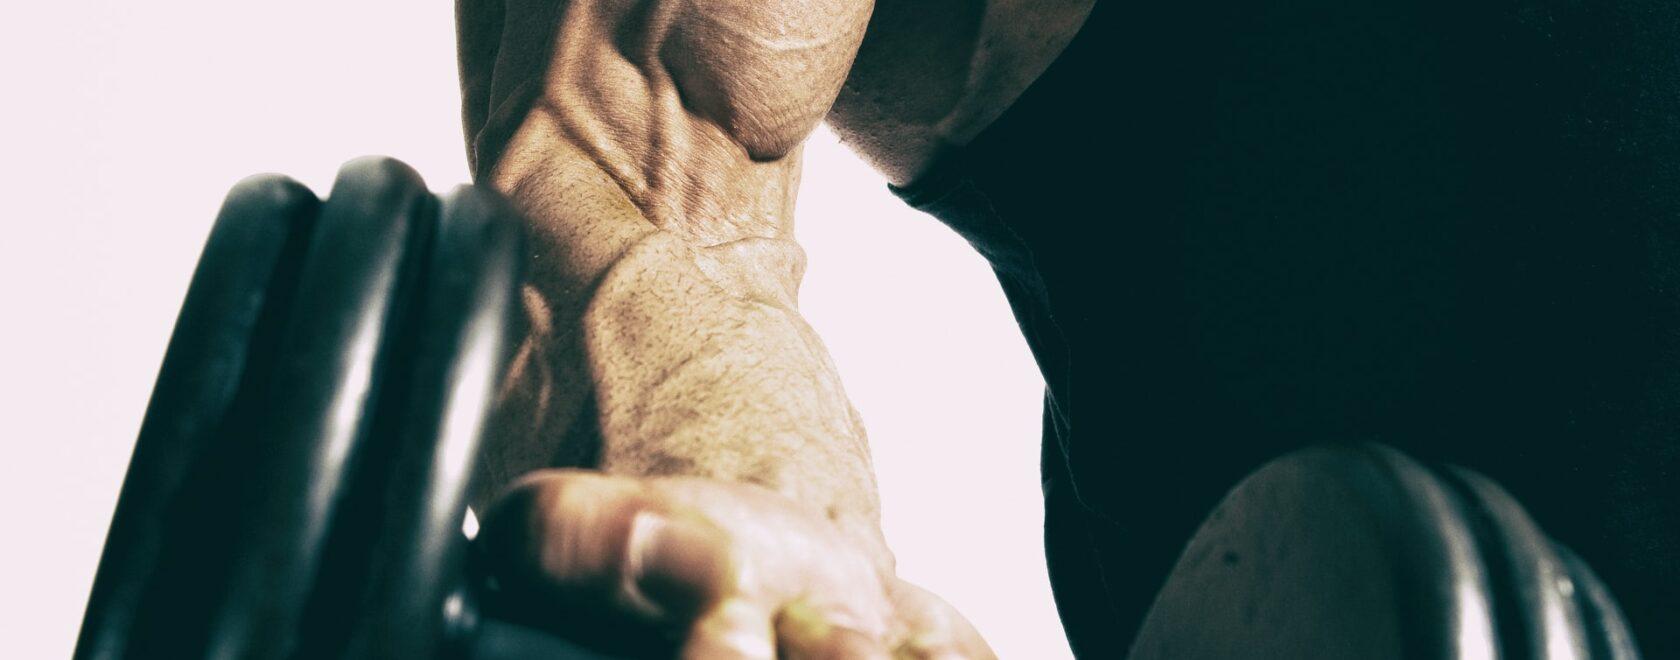 Ile może urosnąć biceps w miesiąc